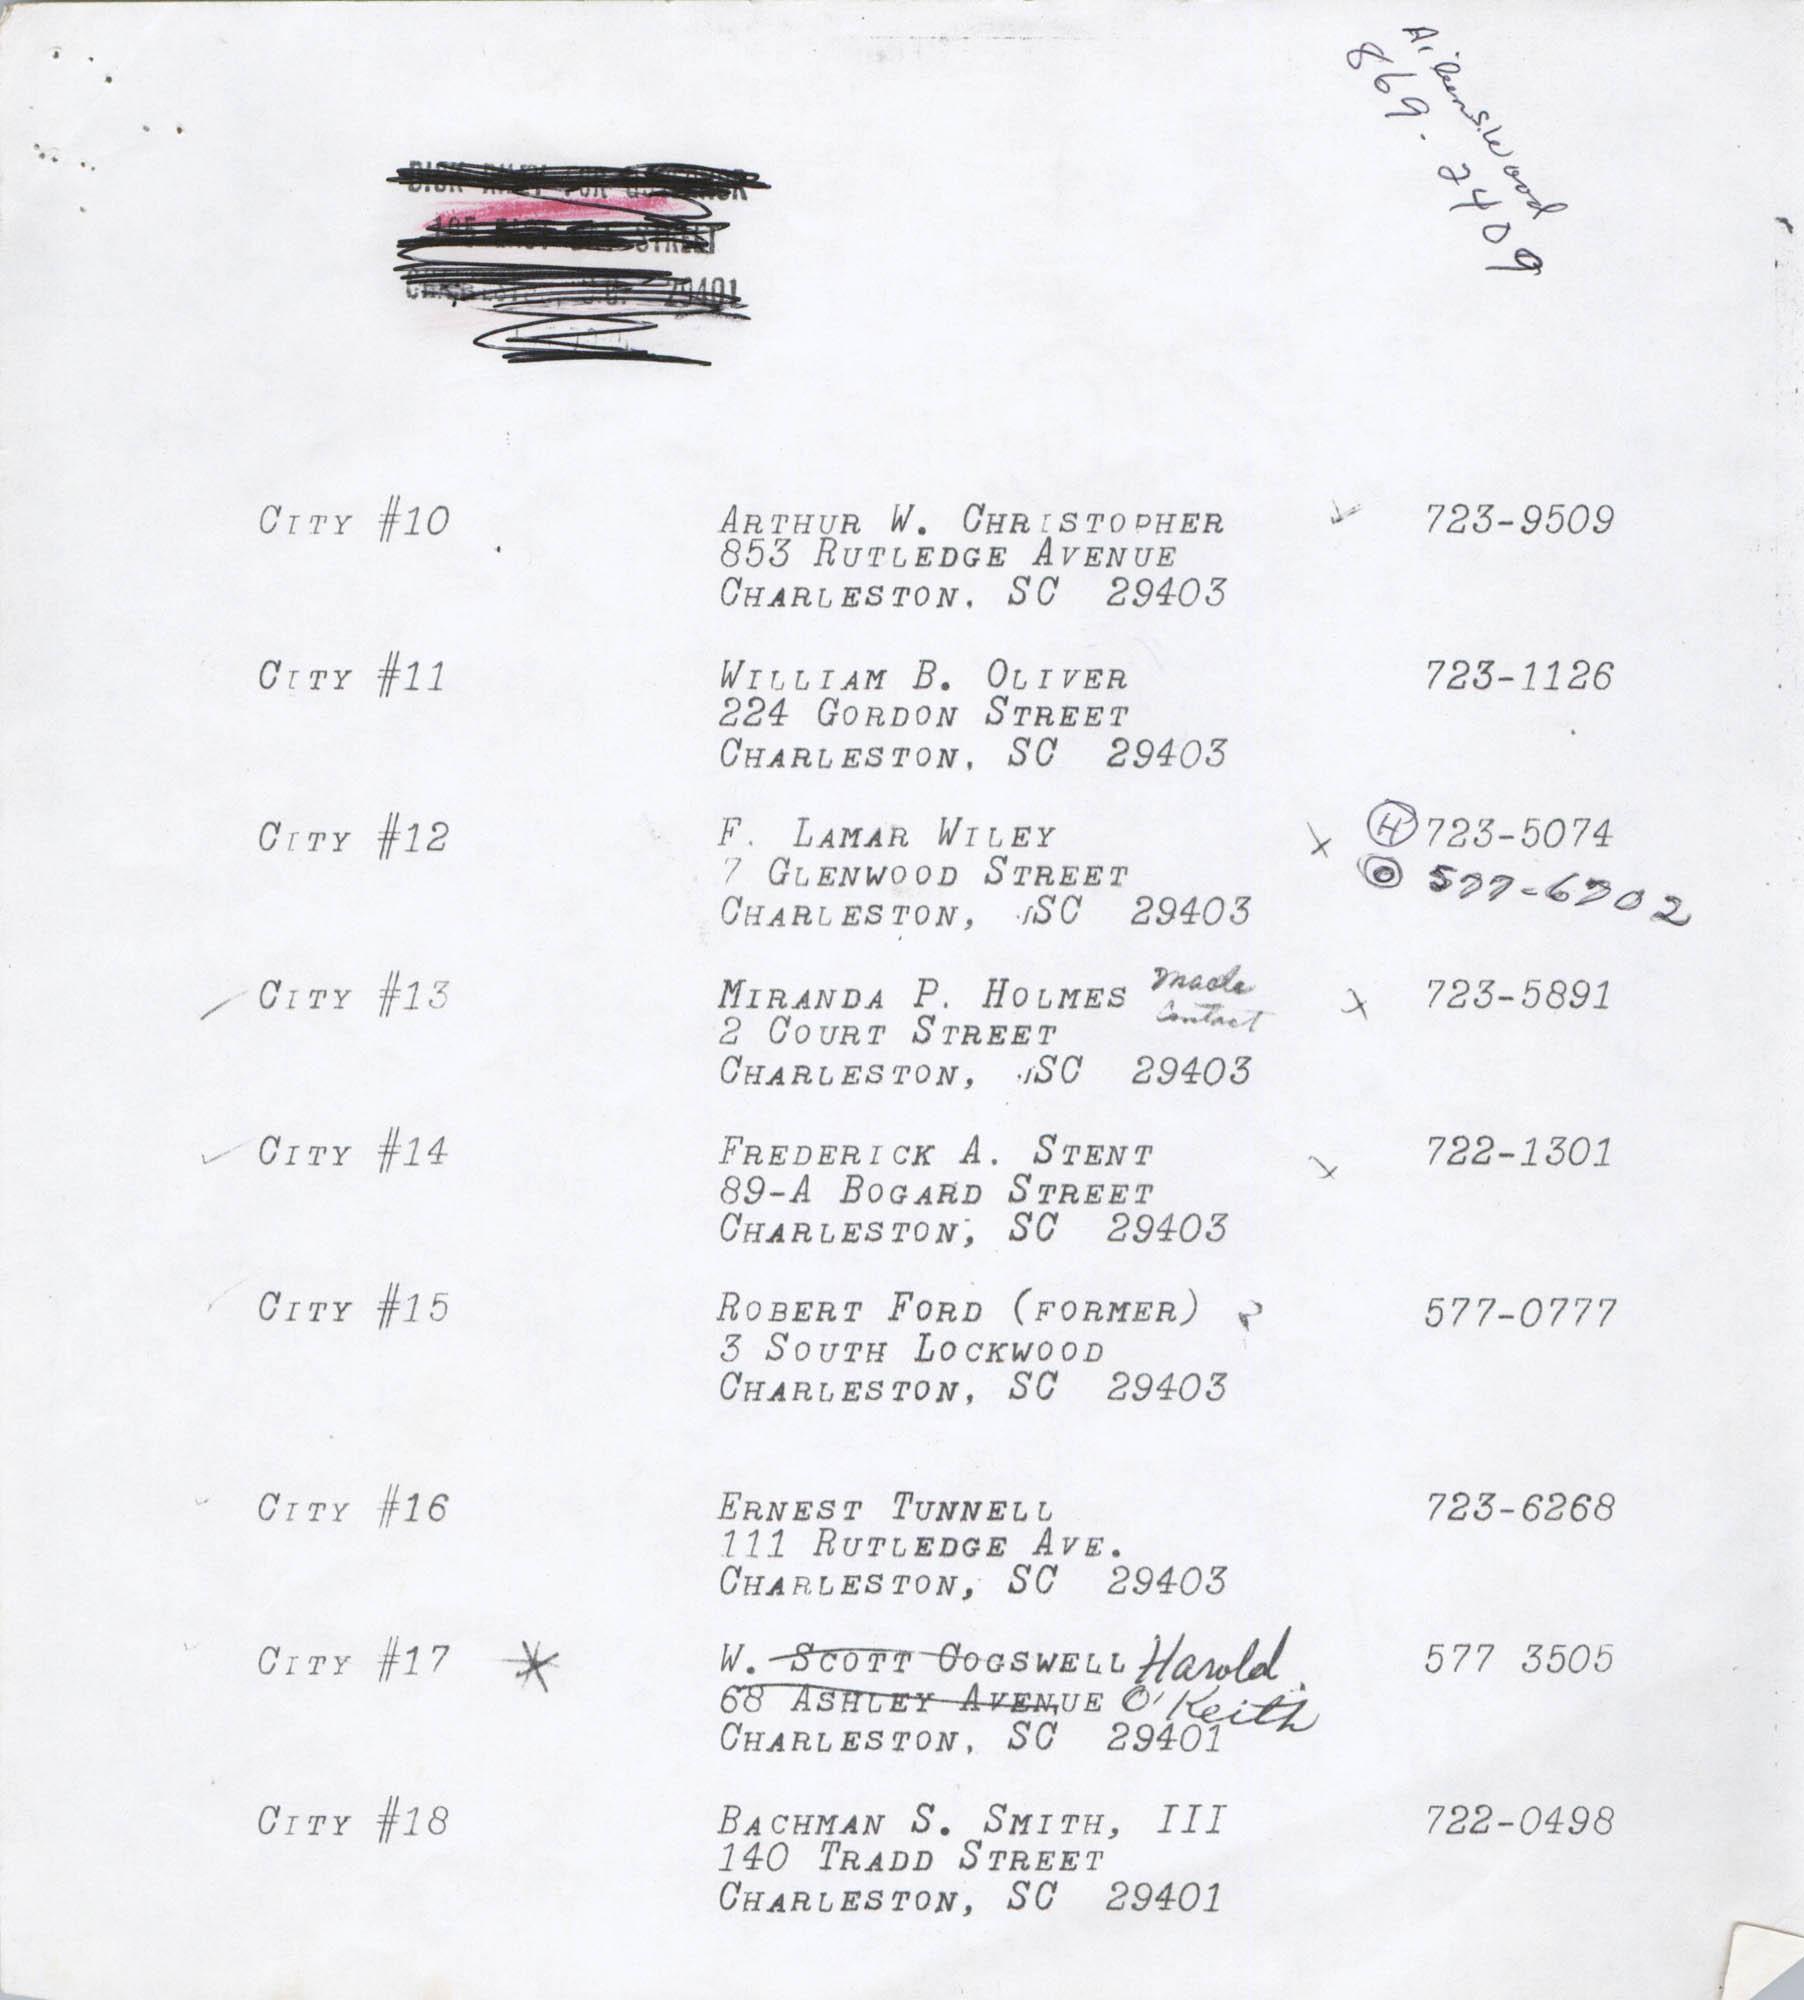 Directory of South Carolina Individuals, Page 4